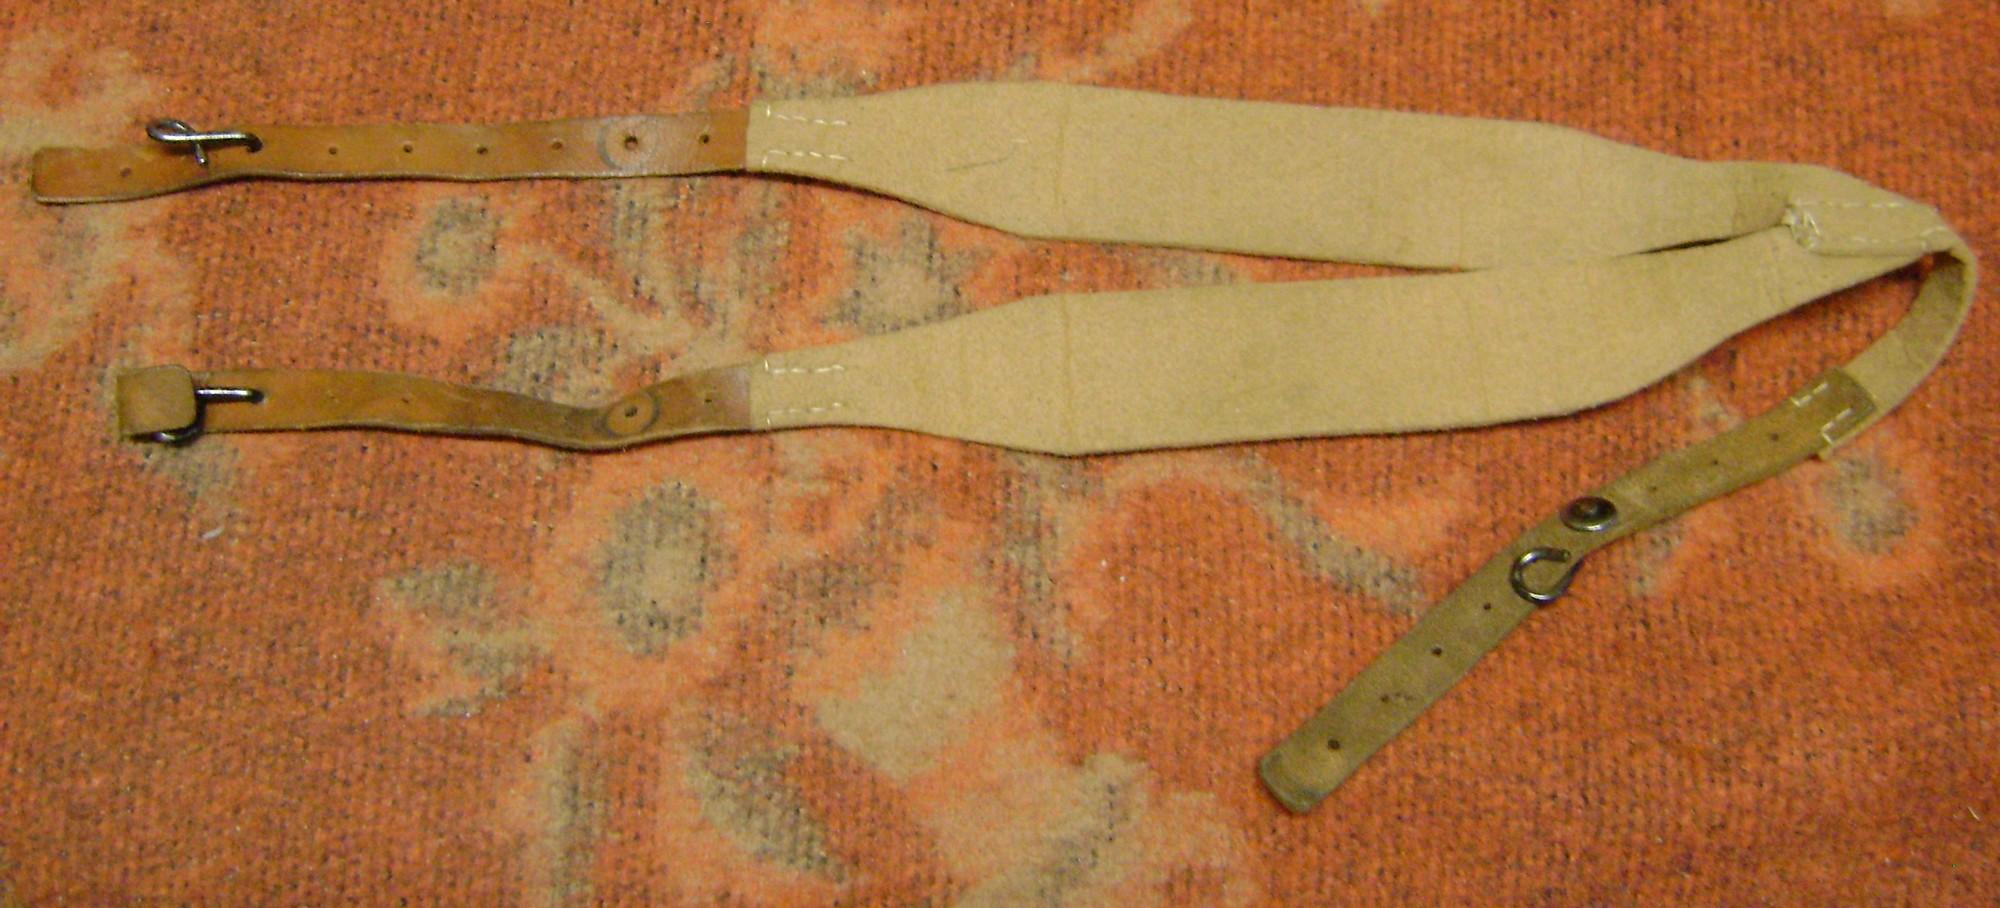 Bretelle de suspension tissu et cuir zouave ?  Dsc03029